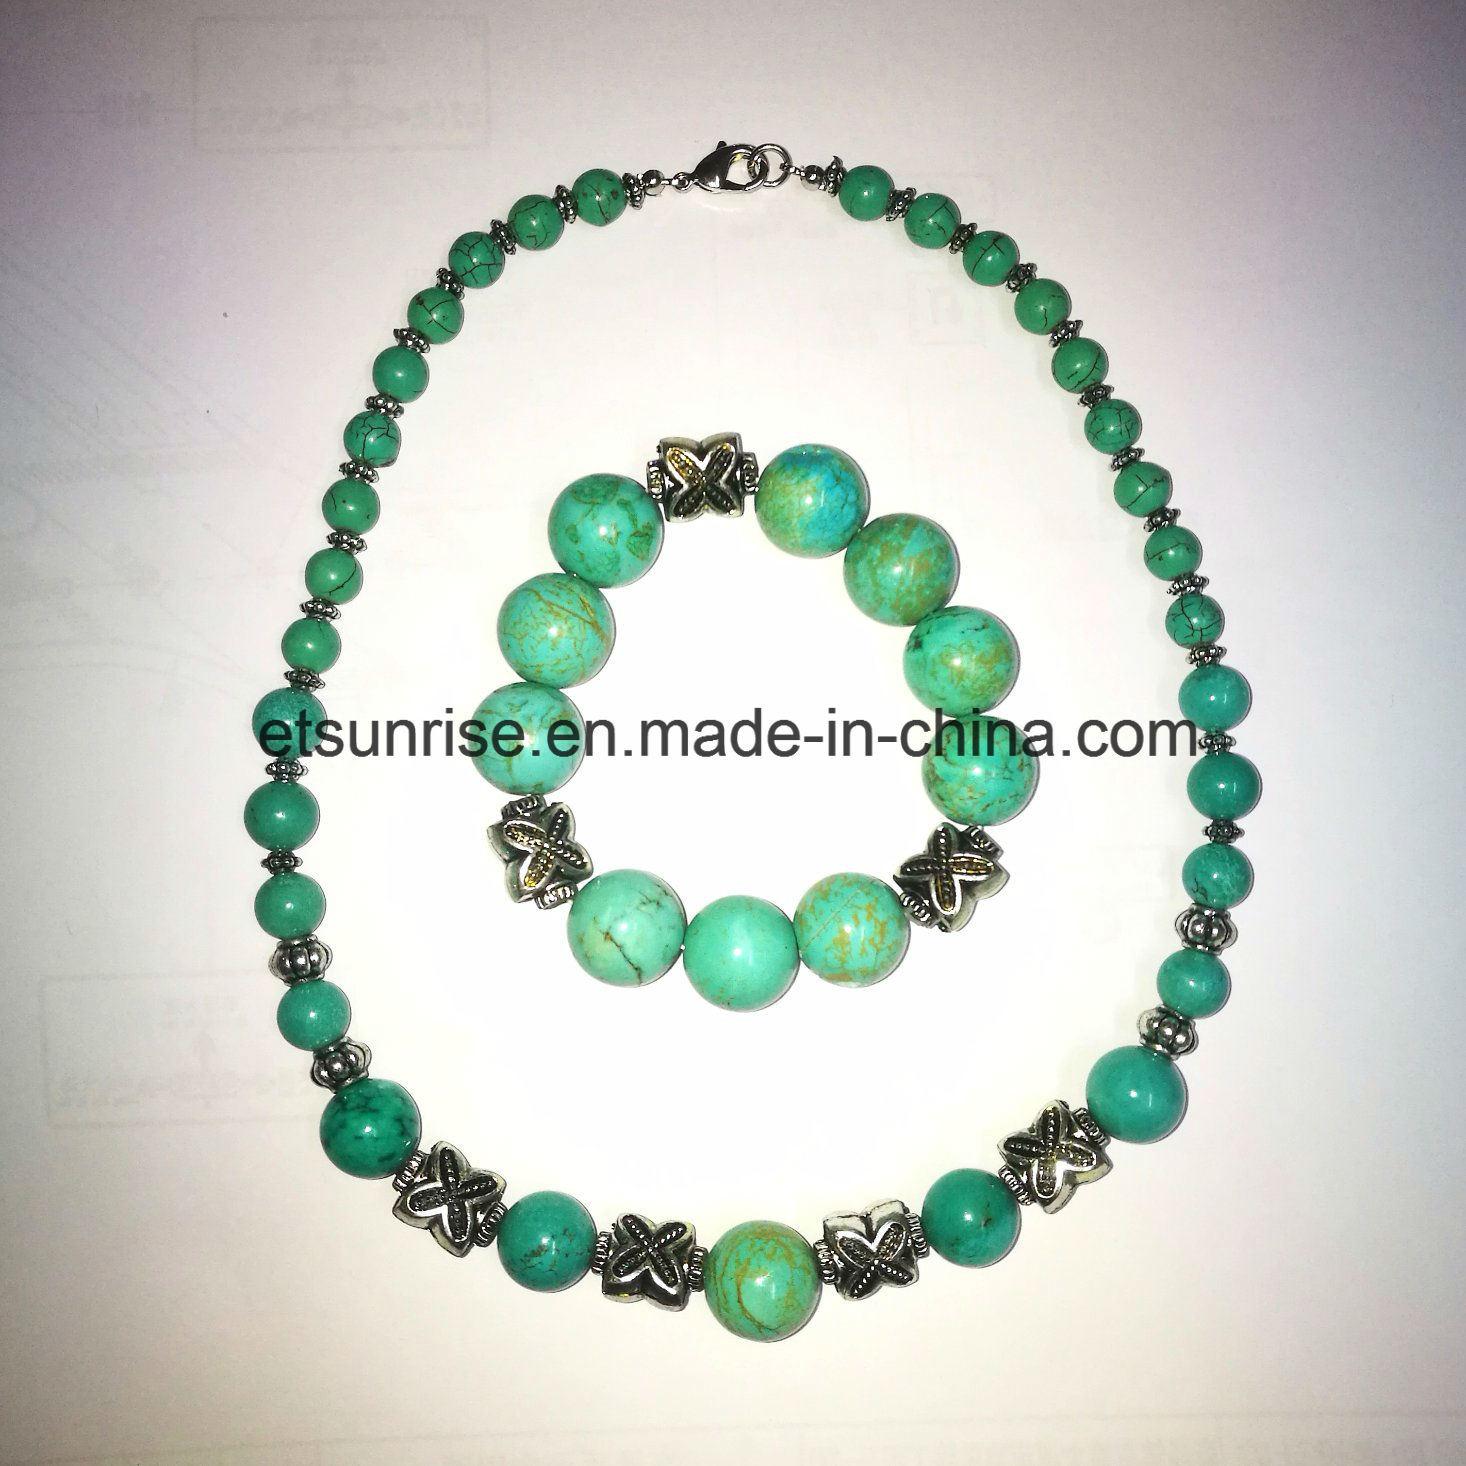 Fashion Turquoise Beaded Graduated Necklace